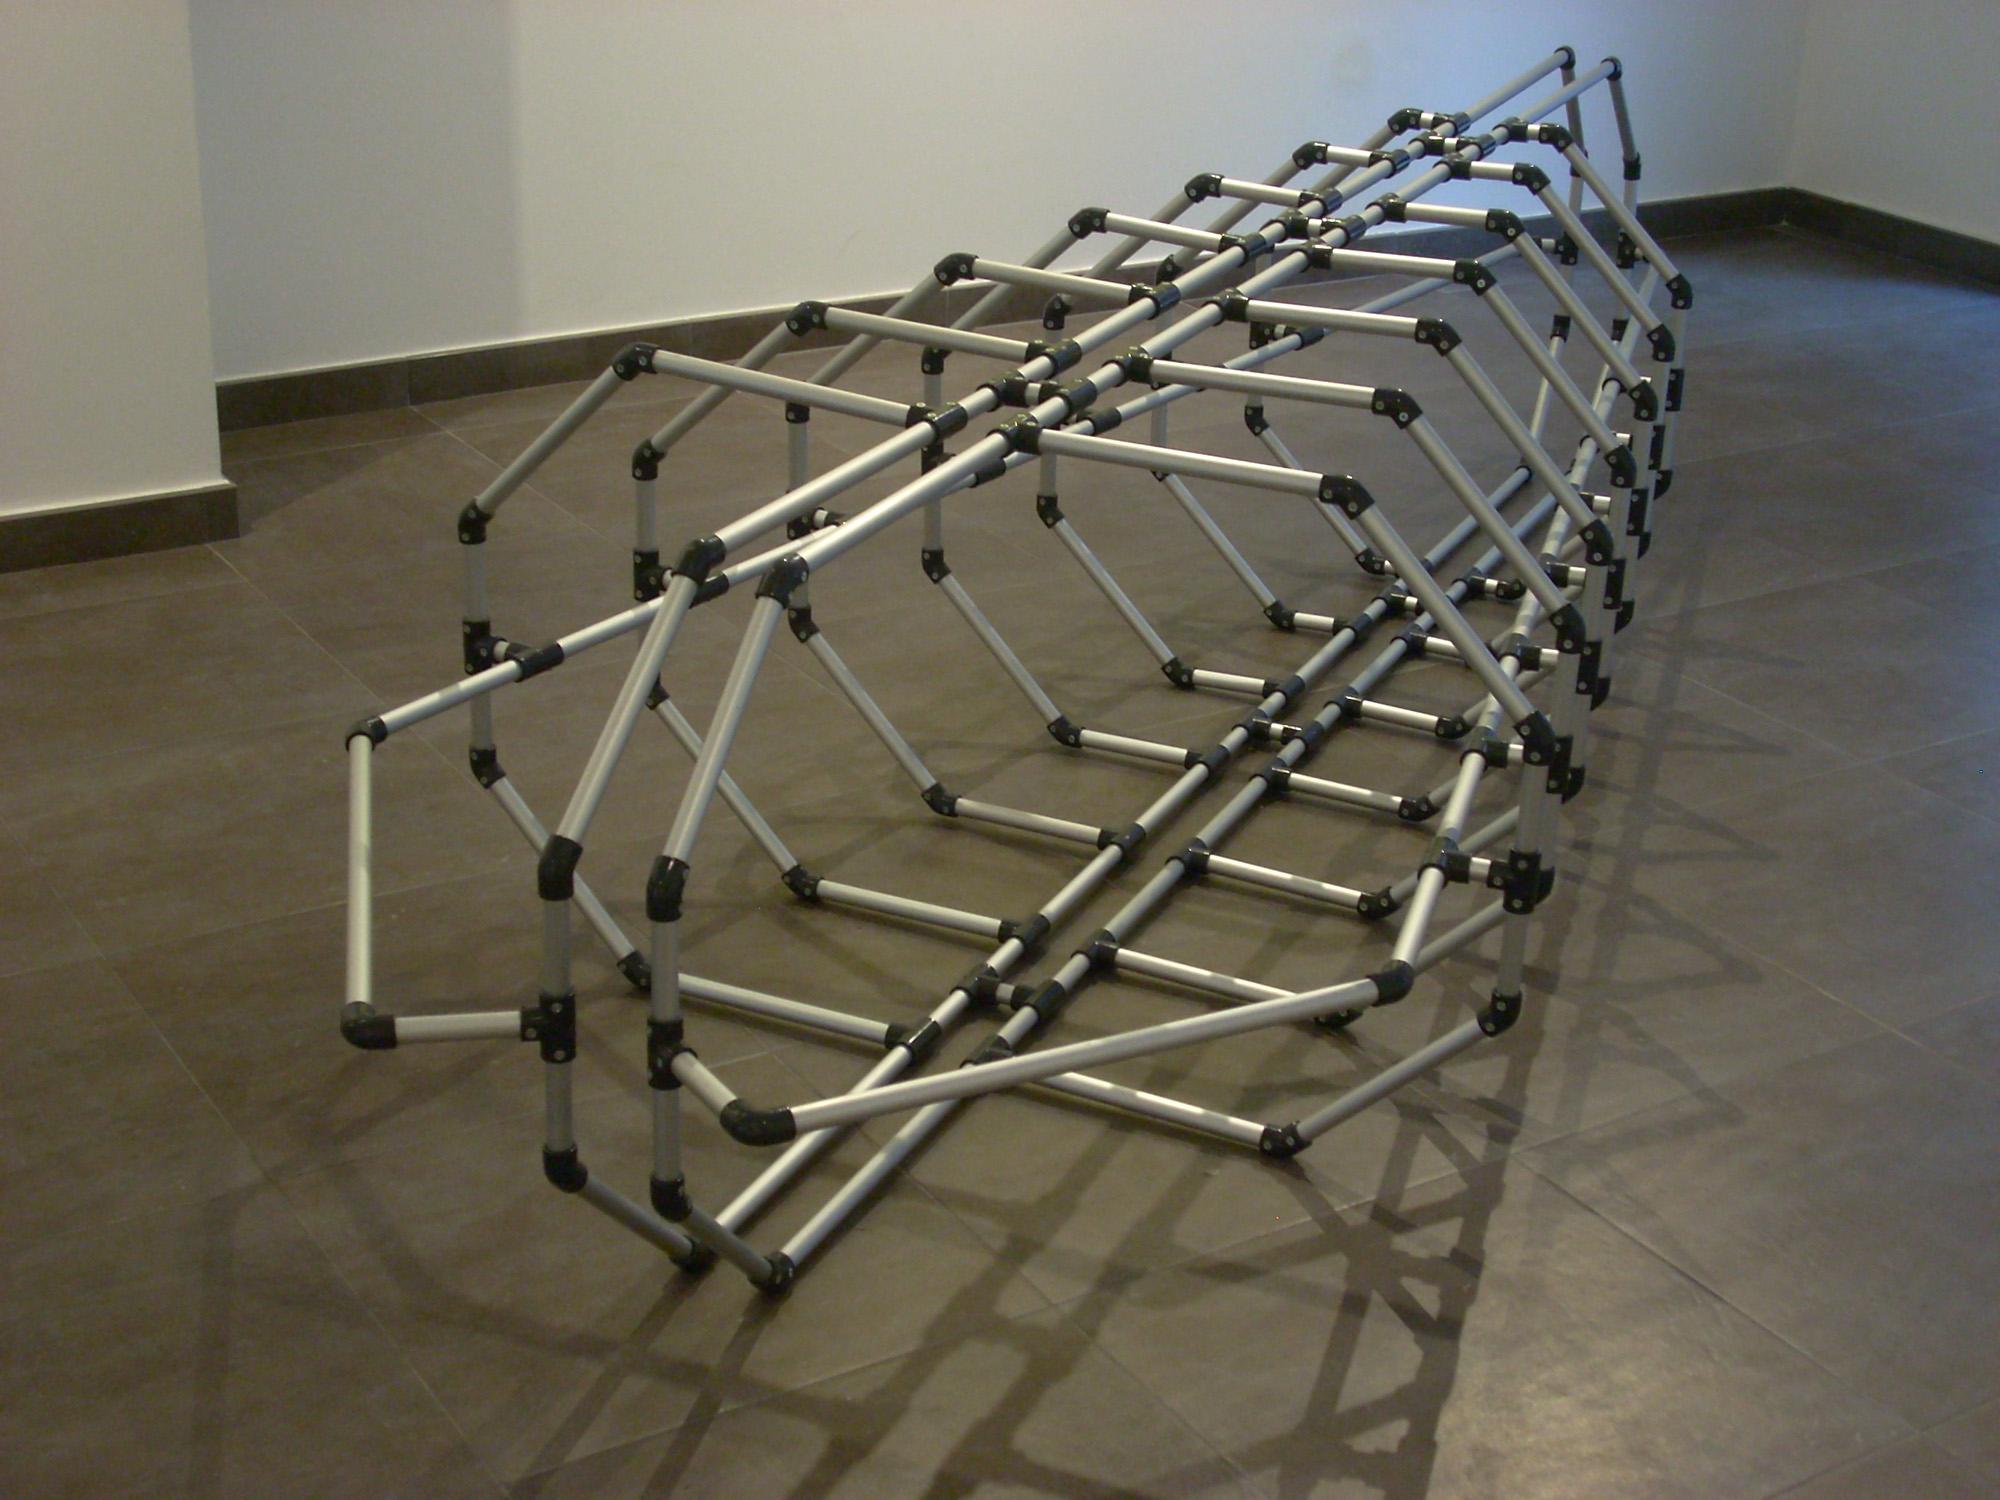 Capsula, aluminio P.V.C. cm. 300 x 65 x 108 -2009-